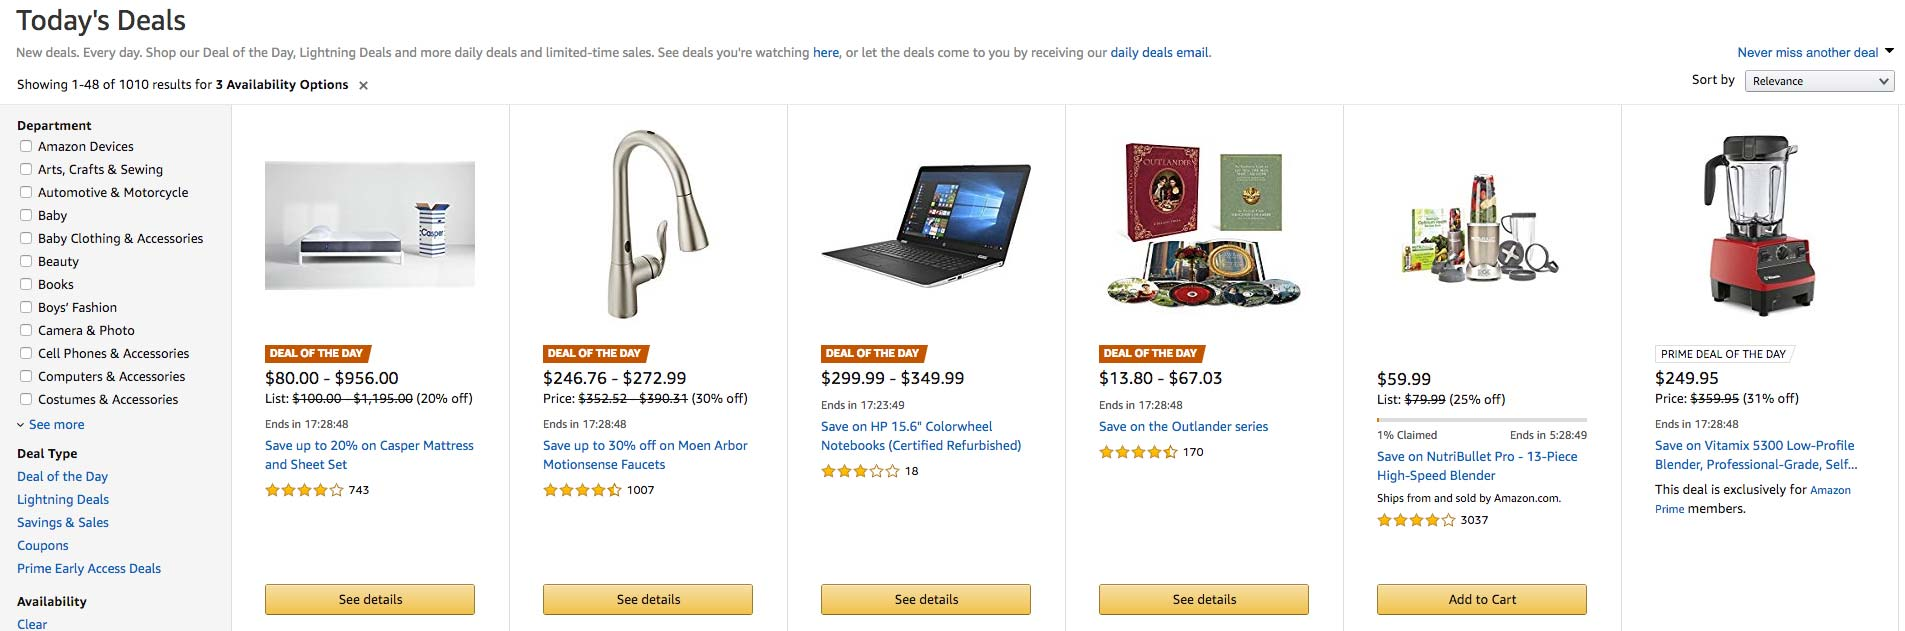 Imagen que muestra cómo Amazon usa la urgencia en su sitio web para conseguir más conversiones